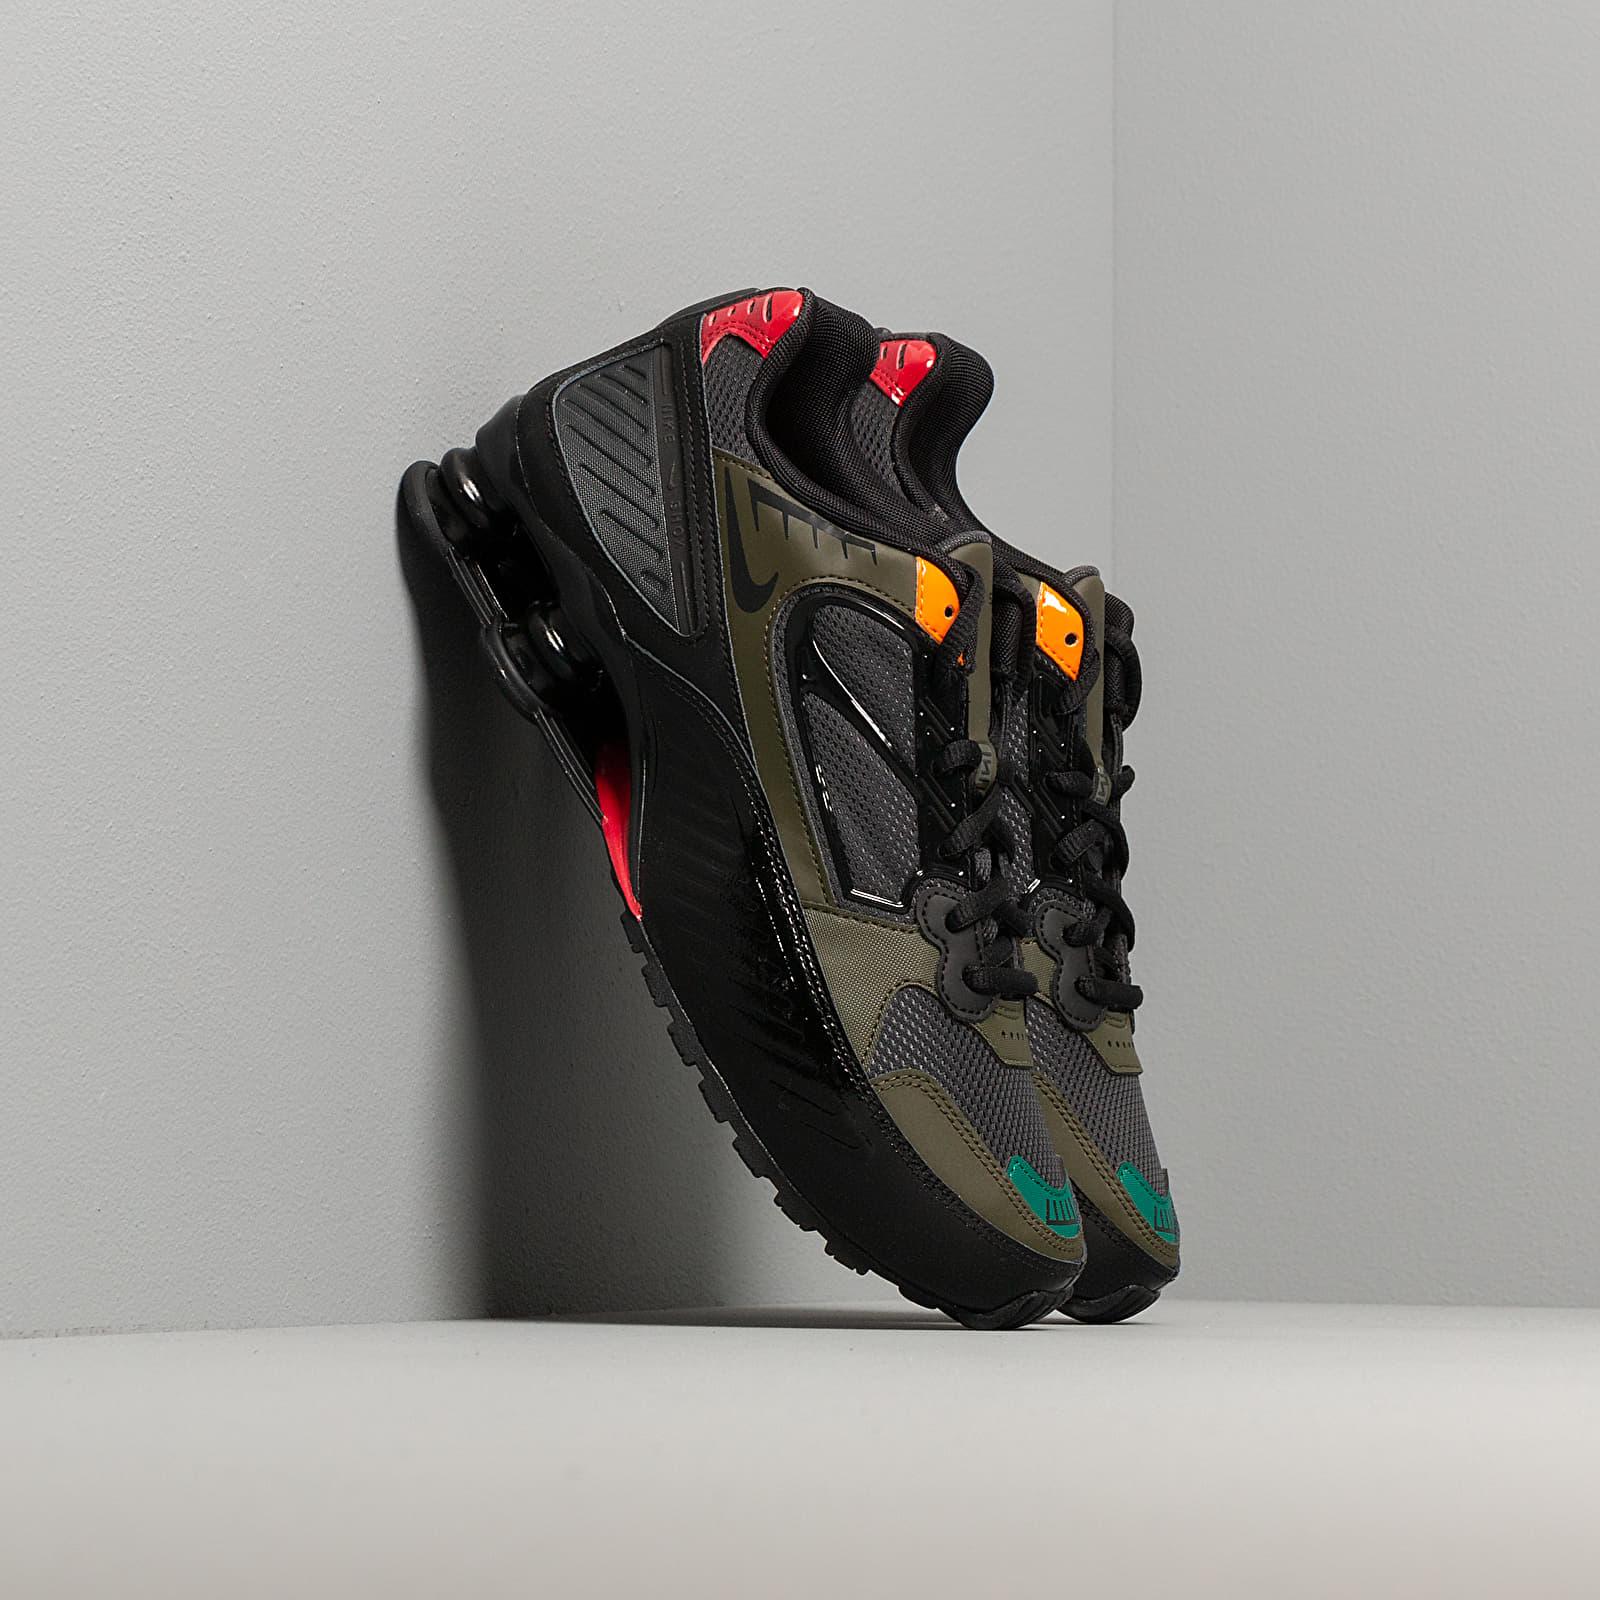 Γυναικεία παπούτσια Nike W Shox Enigma Black/ Anthracite-Cargo Khaki-Gym Red